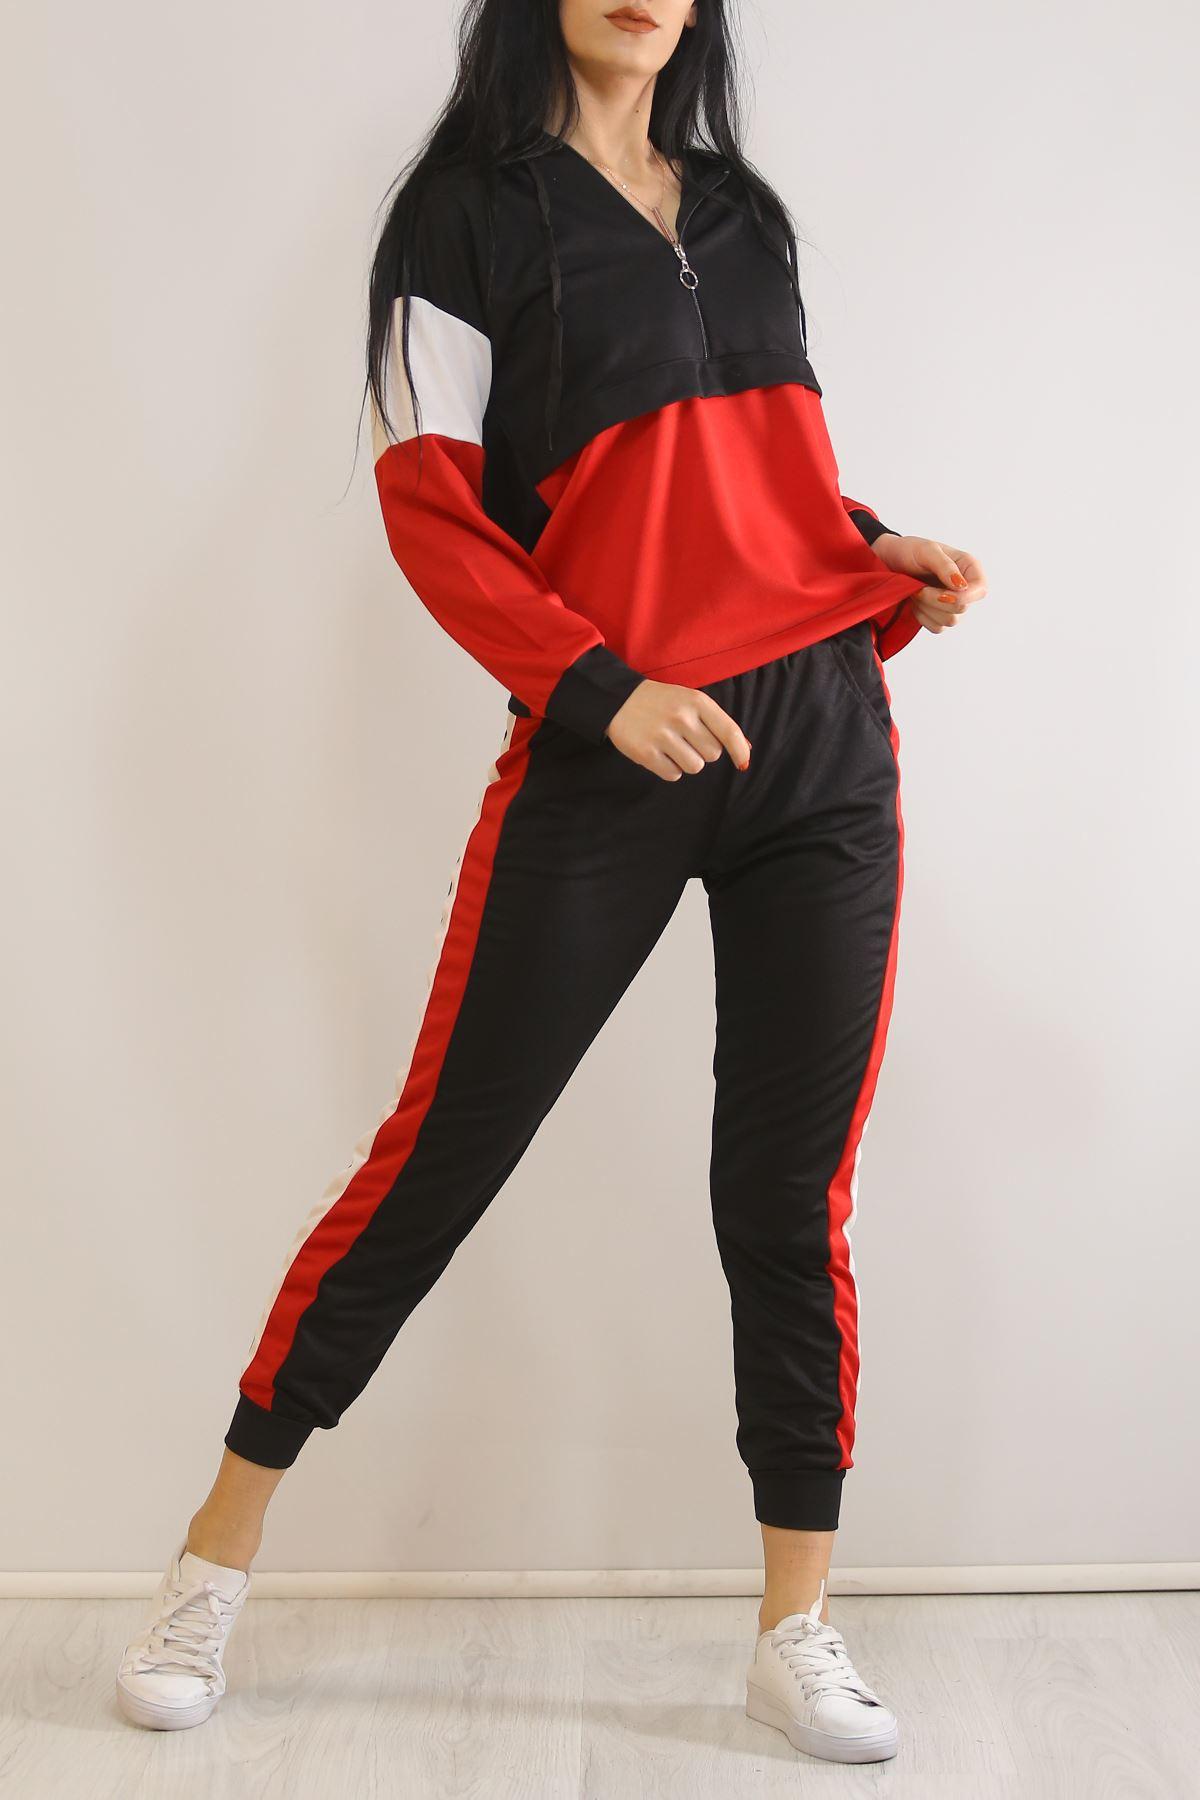 Kadın Eşofman Takımı Siyahkırmızı - 5325.1286.